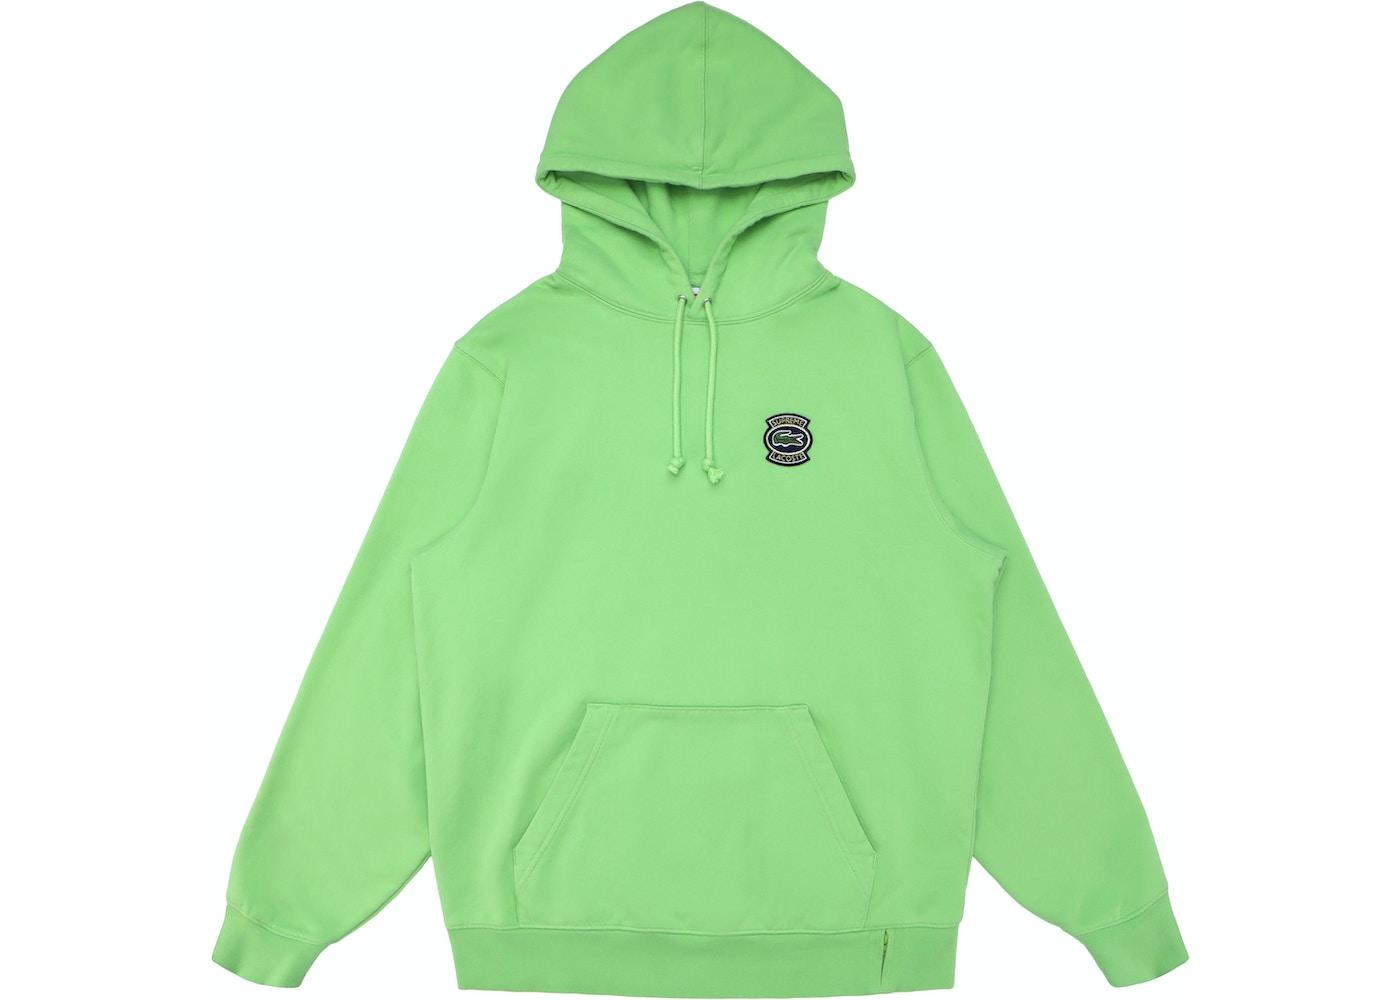 e57201997e47f2 Supreme LACOSTE Hooded Sweatshirt Green - SS18